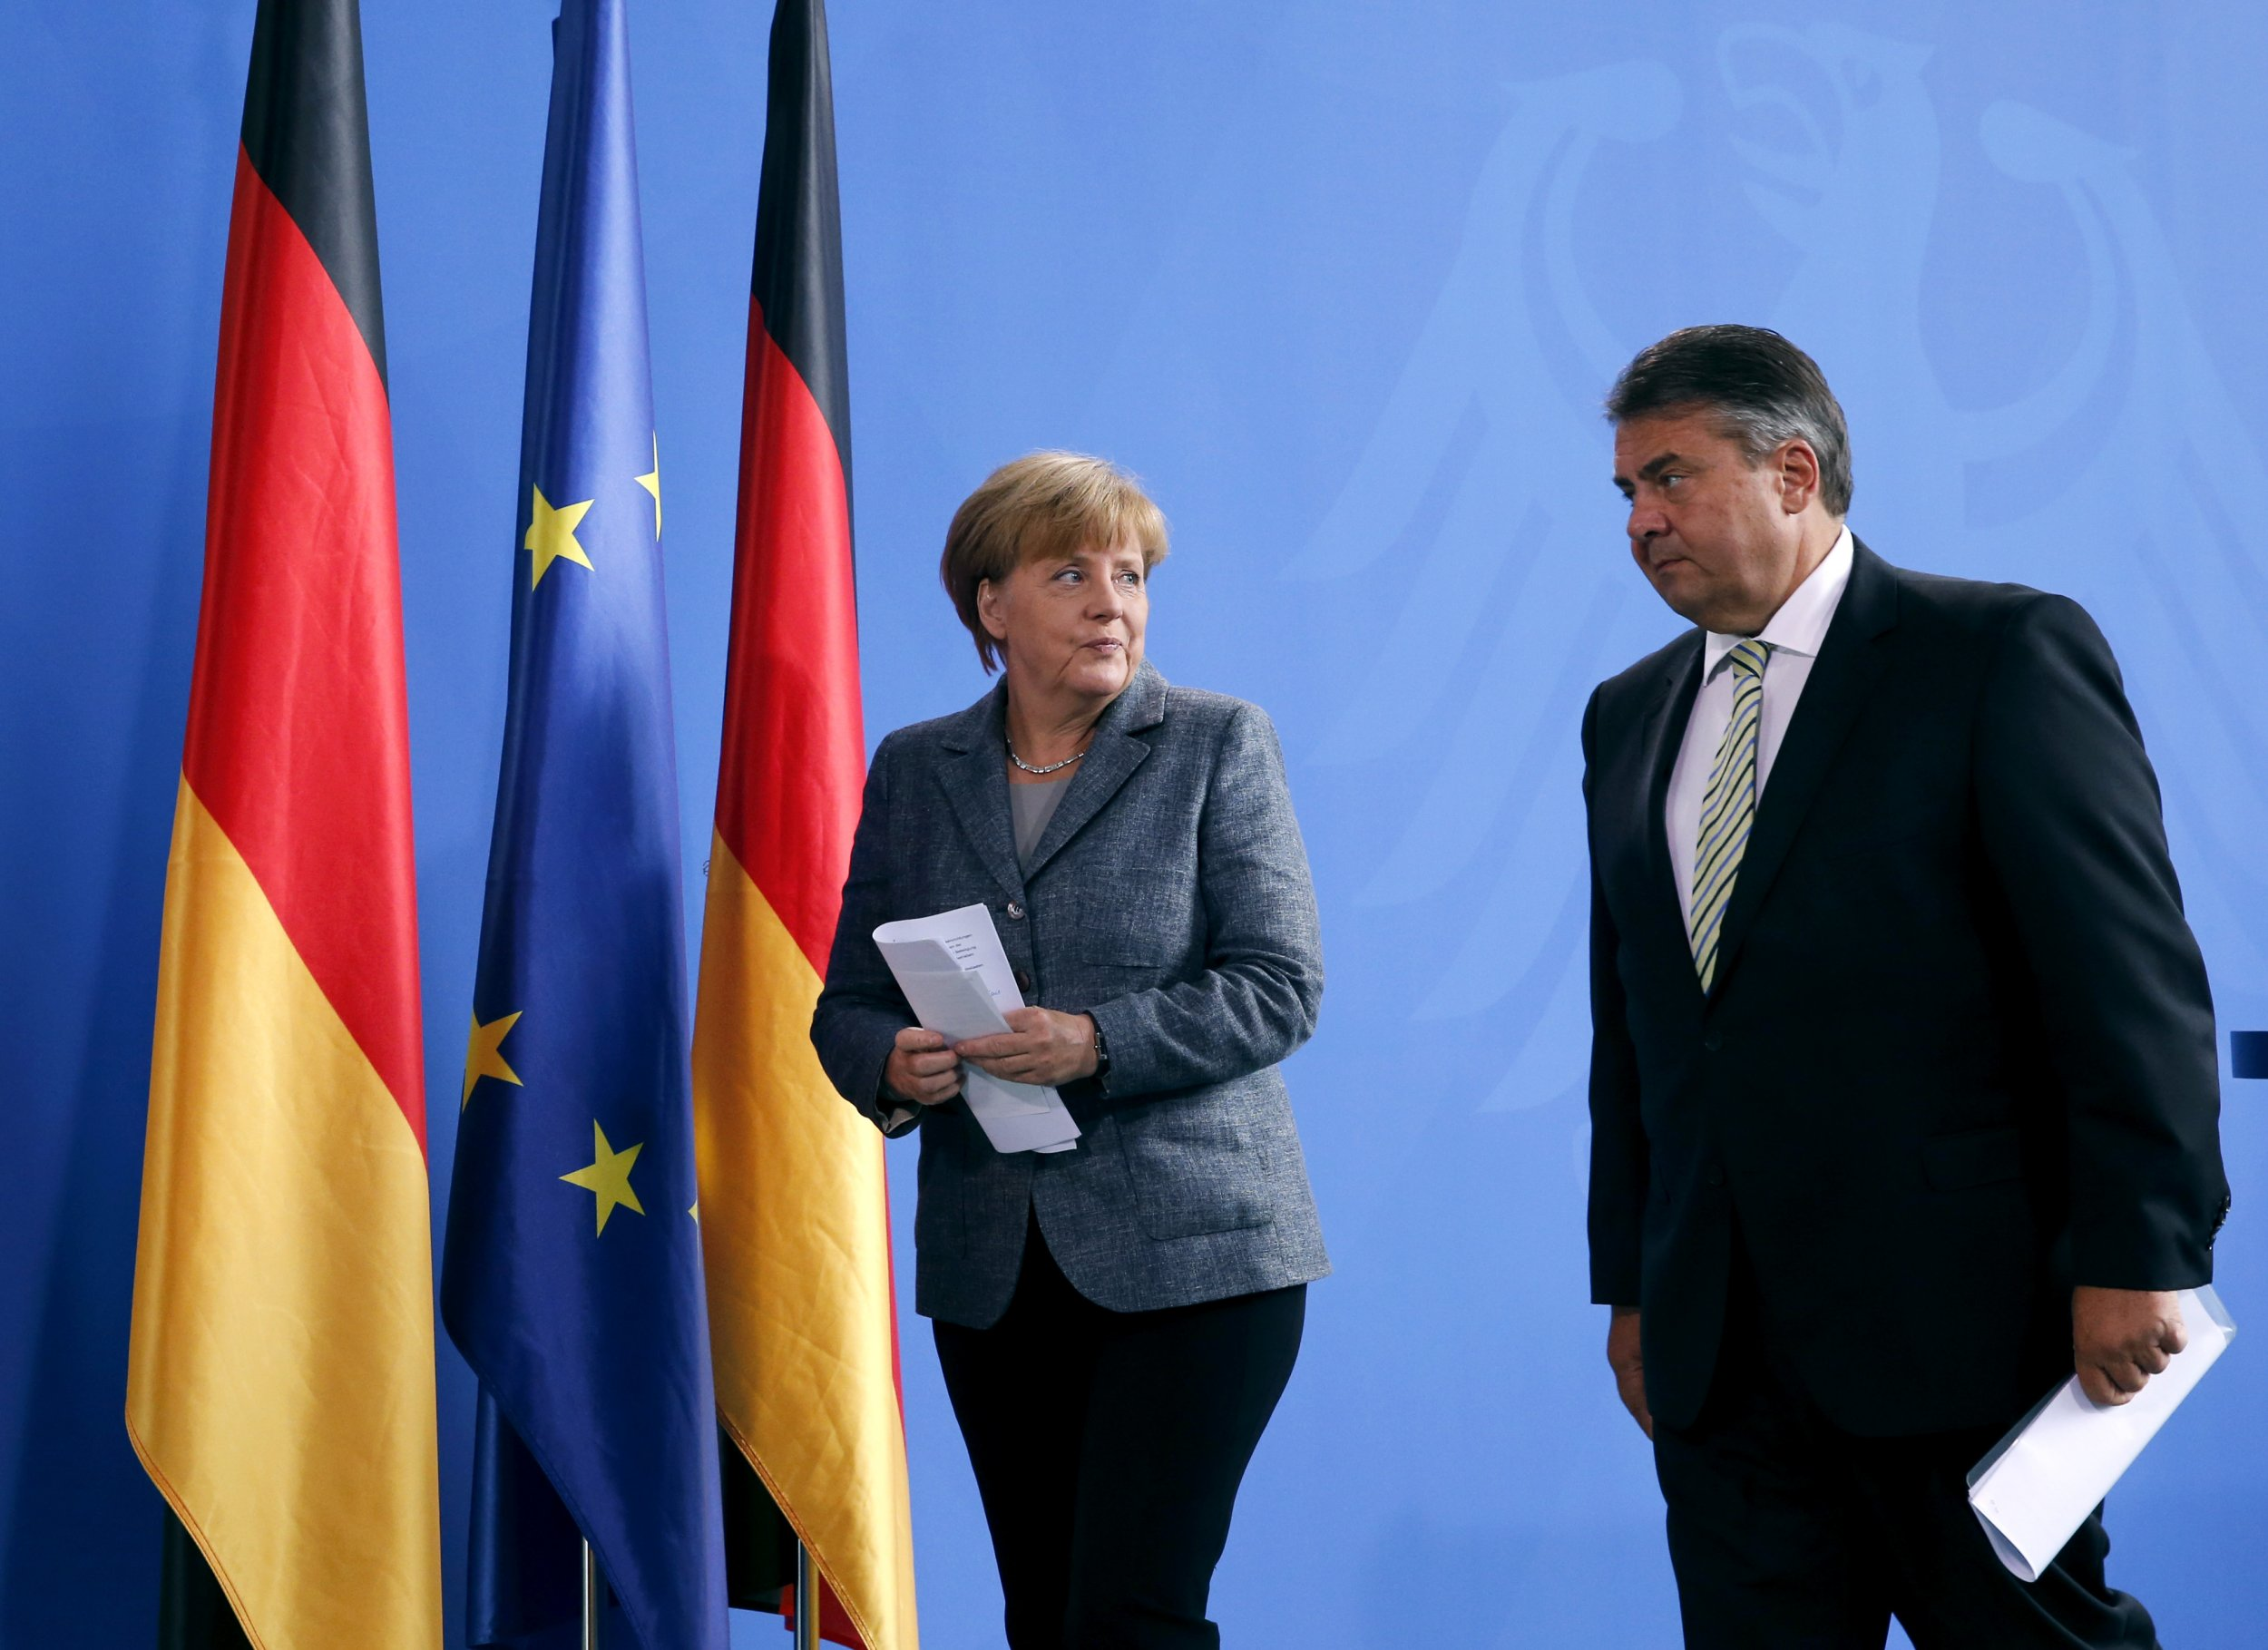 9/7 Merkel Refugees Migrants EU